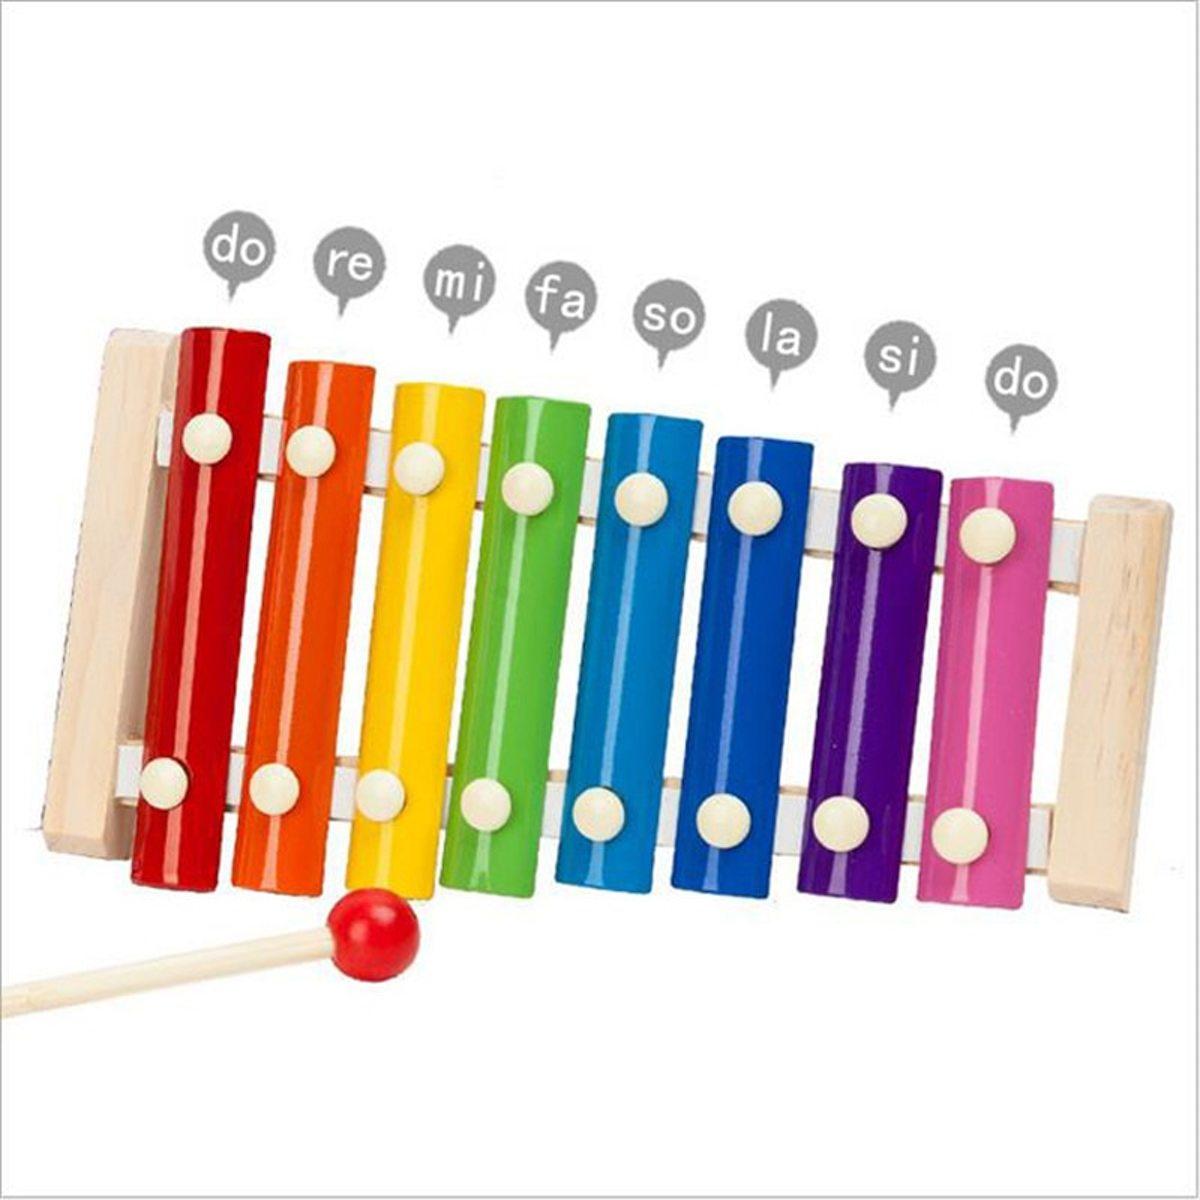 Afbeelding van product WiseGoods - Kleurrijke Xylofoon Voor Kinderen - Educatieve Xylofoon Voor Baby's - Muziek Maken